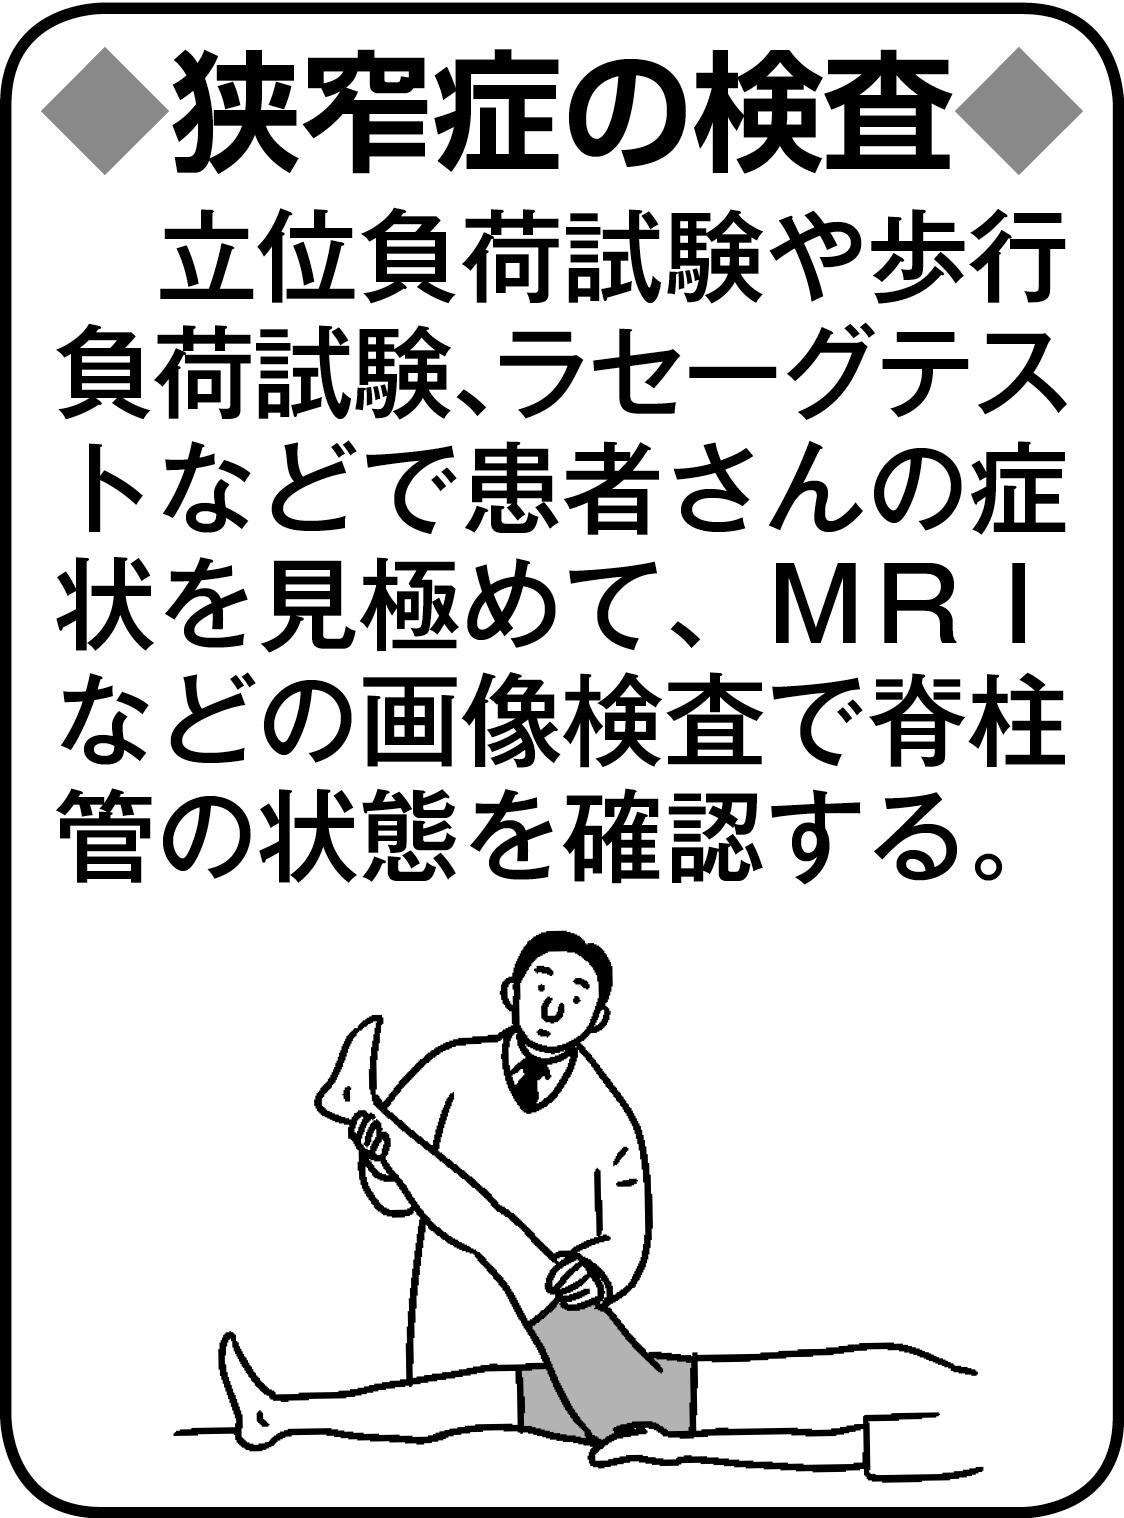 01_07_02_要カラー化.jpg